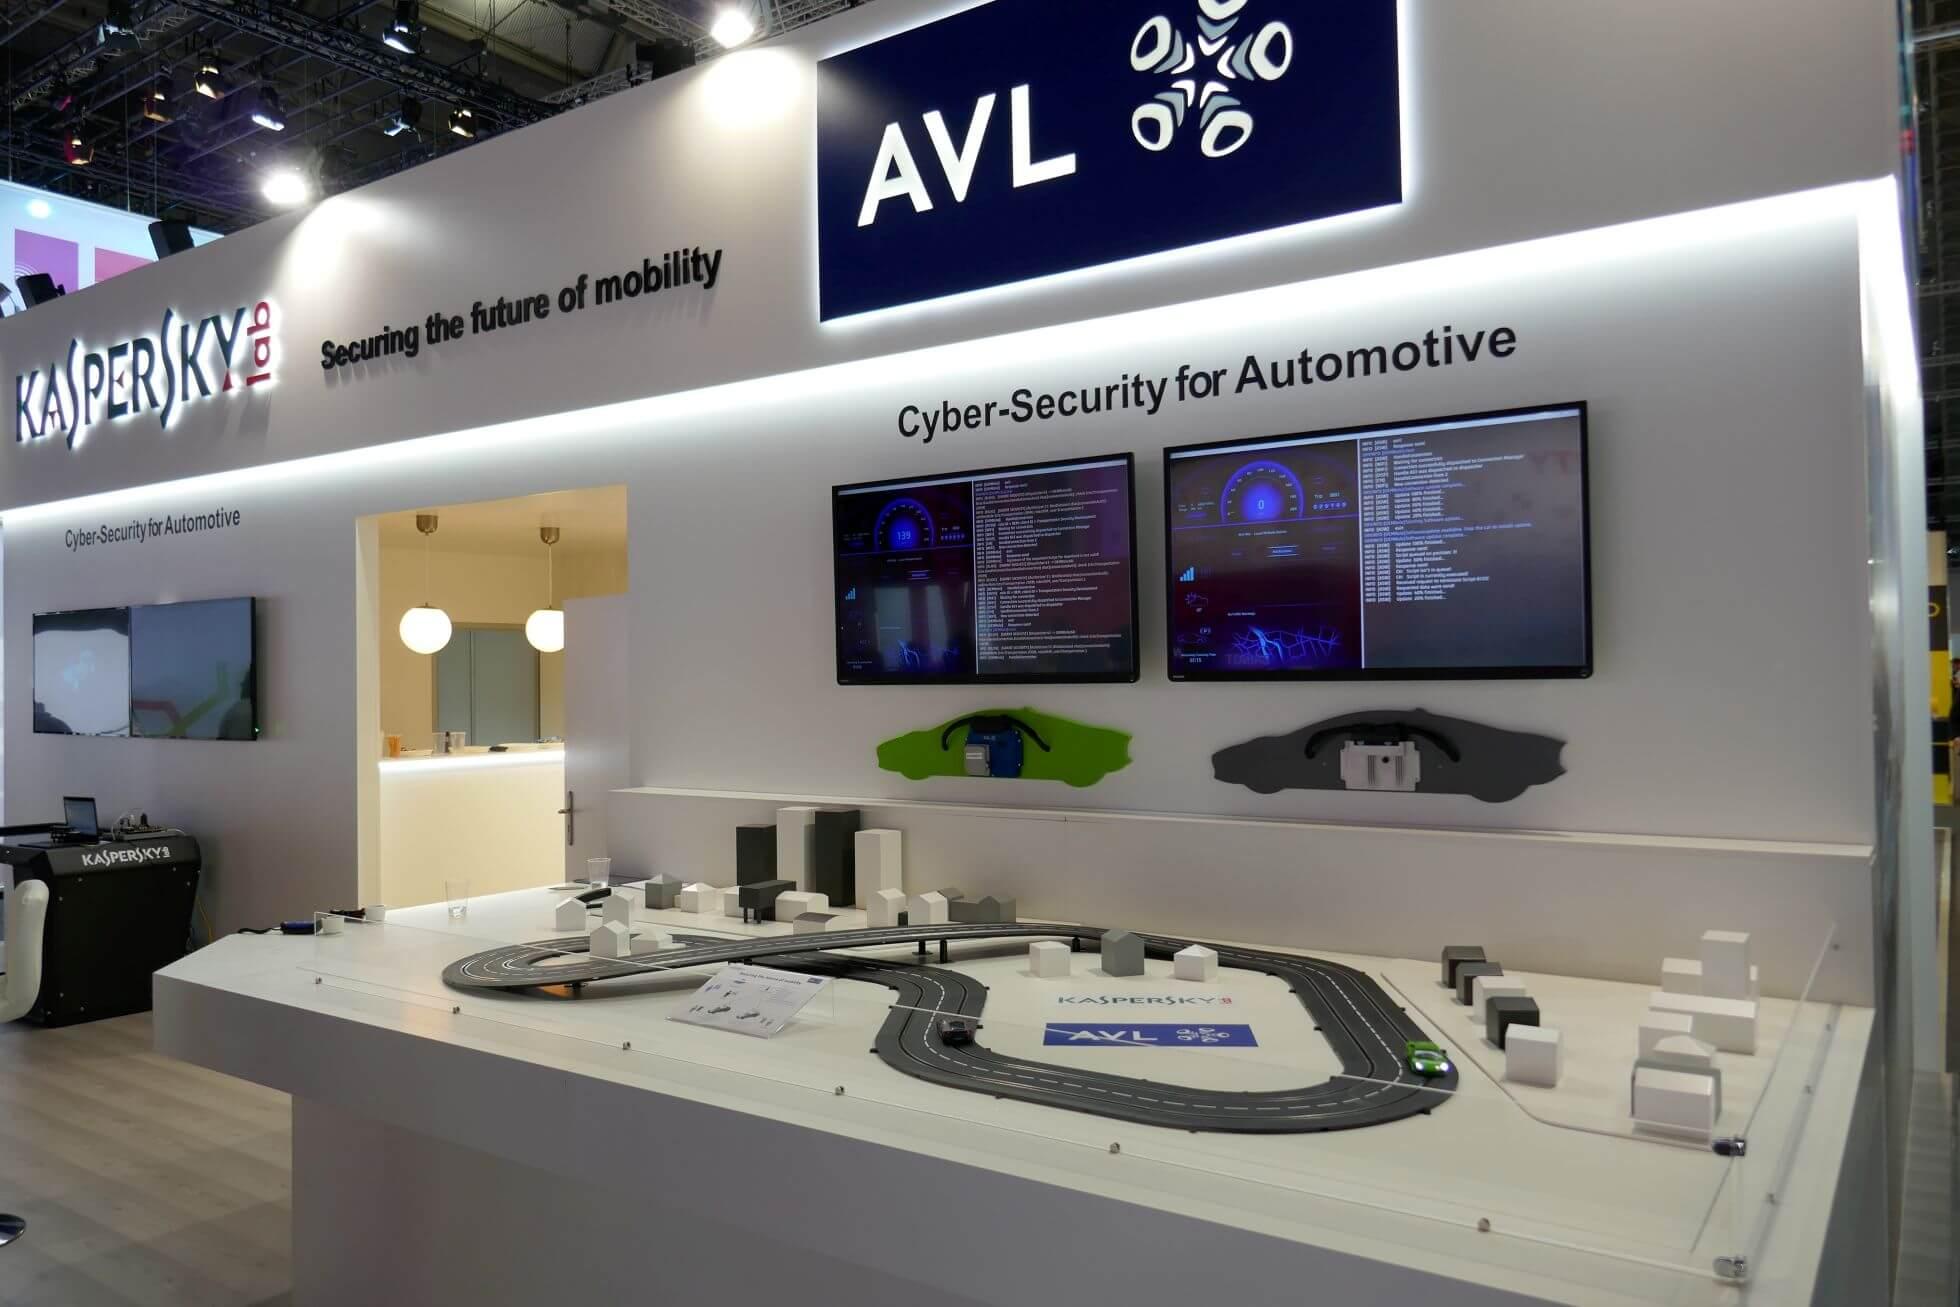 Anti-Virus Spezialist Kaspersky präsentiert eine Sicherheitslösung für Connected Cars und nutzt als Besuchermagnet eine analoge Carrera-Bahn.